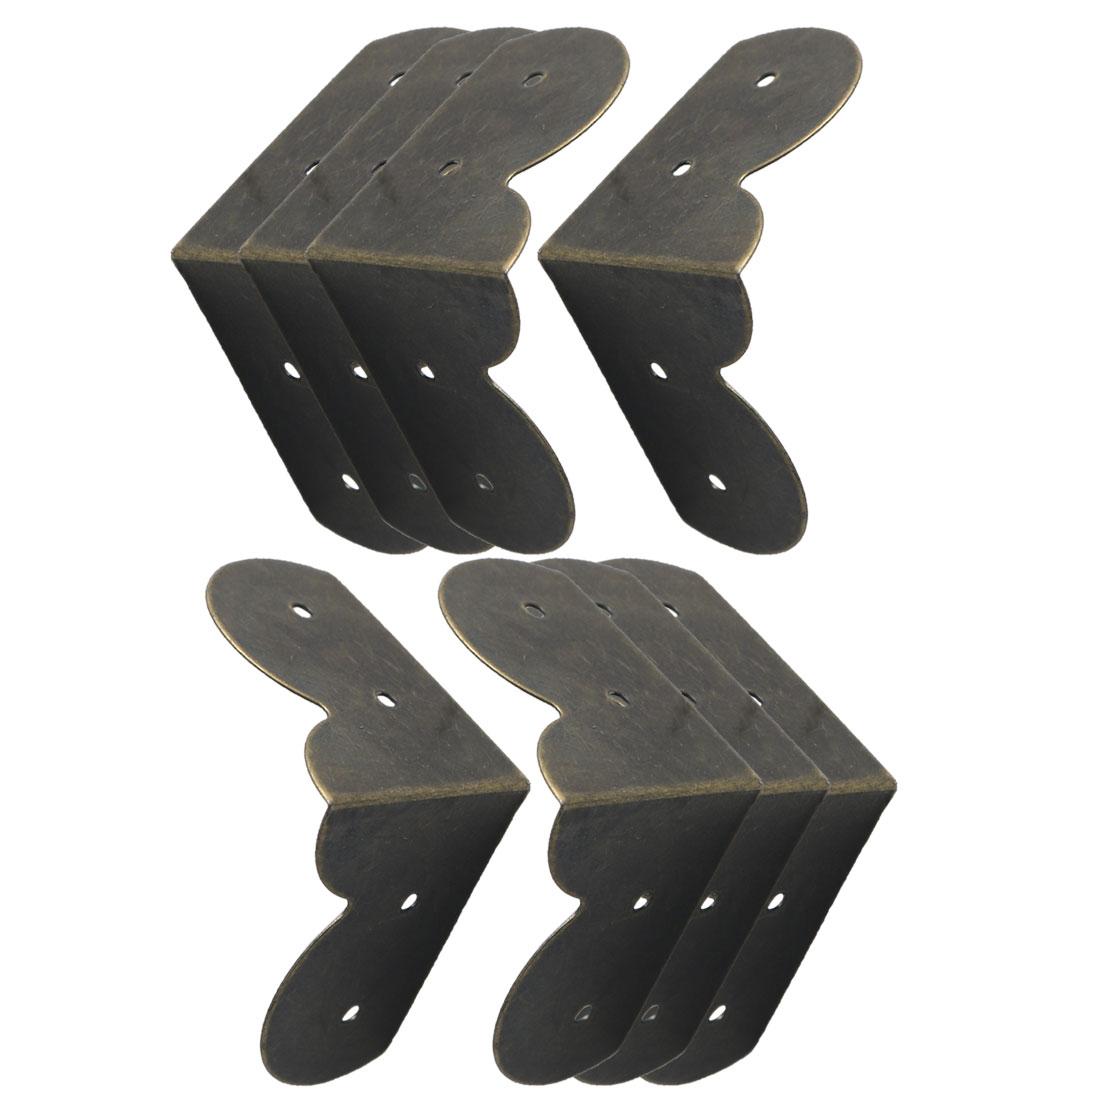 8pcs Box Corner Protectors Bronze Tone Guard Edge Cover Desk Box Corner Decor